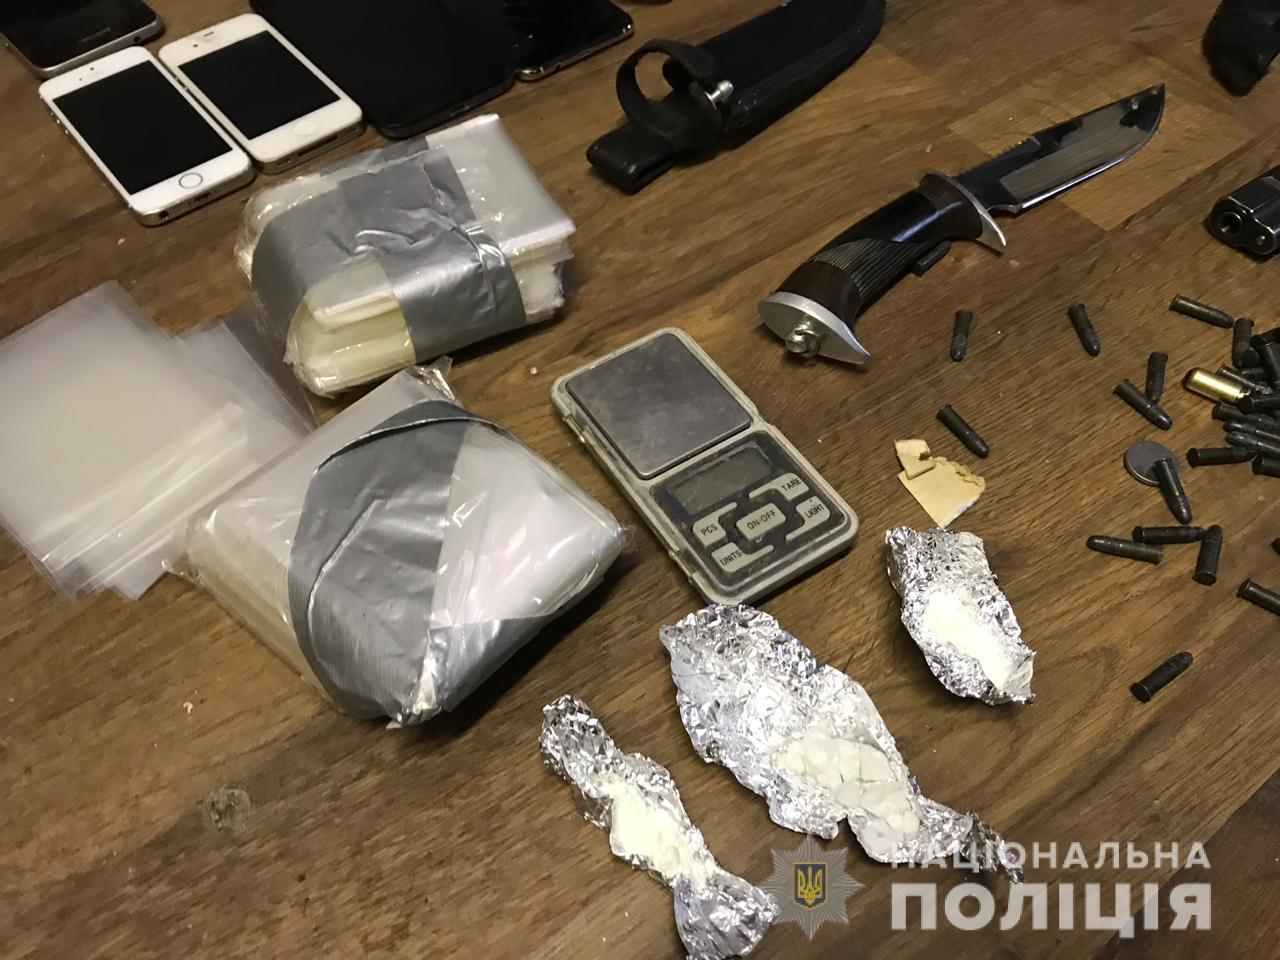 Крав та виготовляв наркотики: під Києвом затримали чоловіка причетного до низки злочинів - кримінал, крадіжка - 09 makariv4